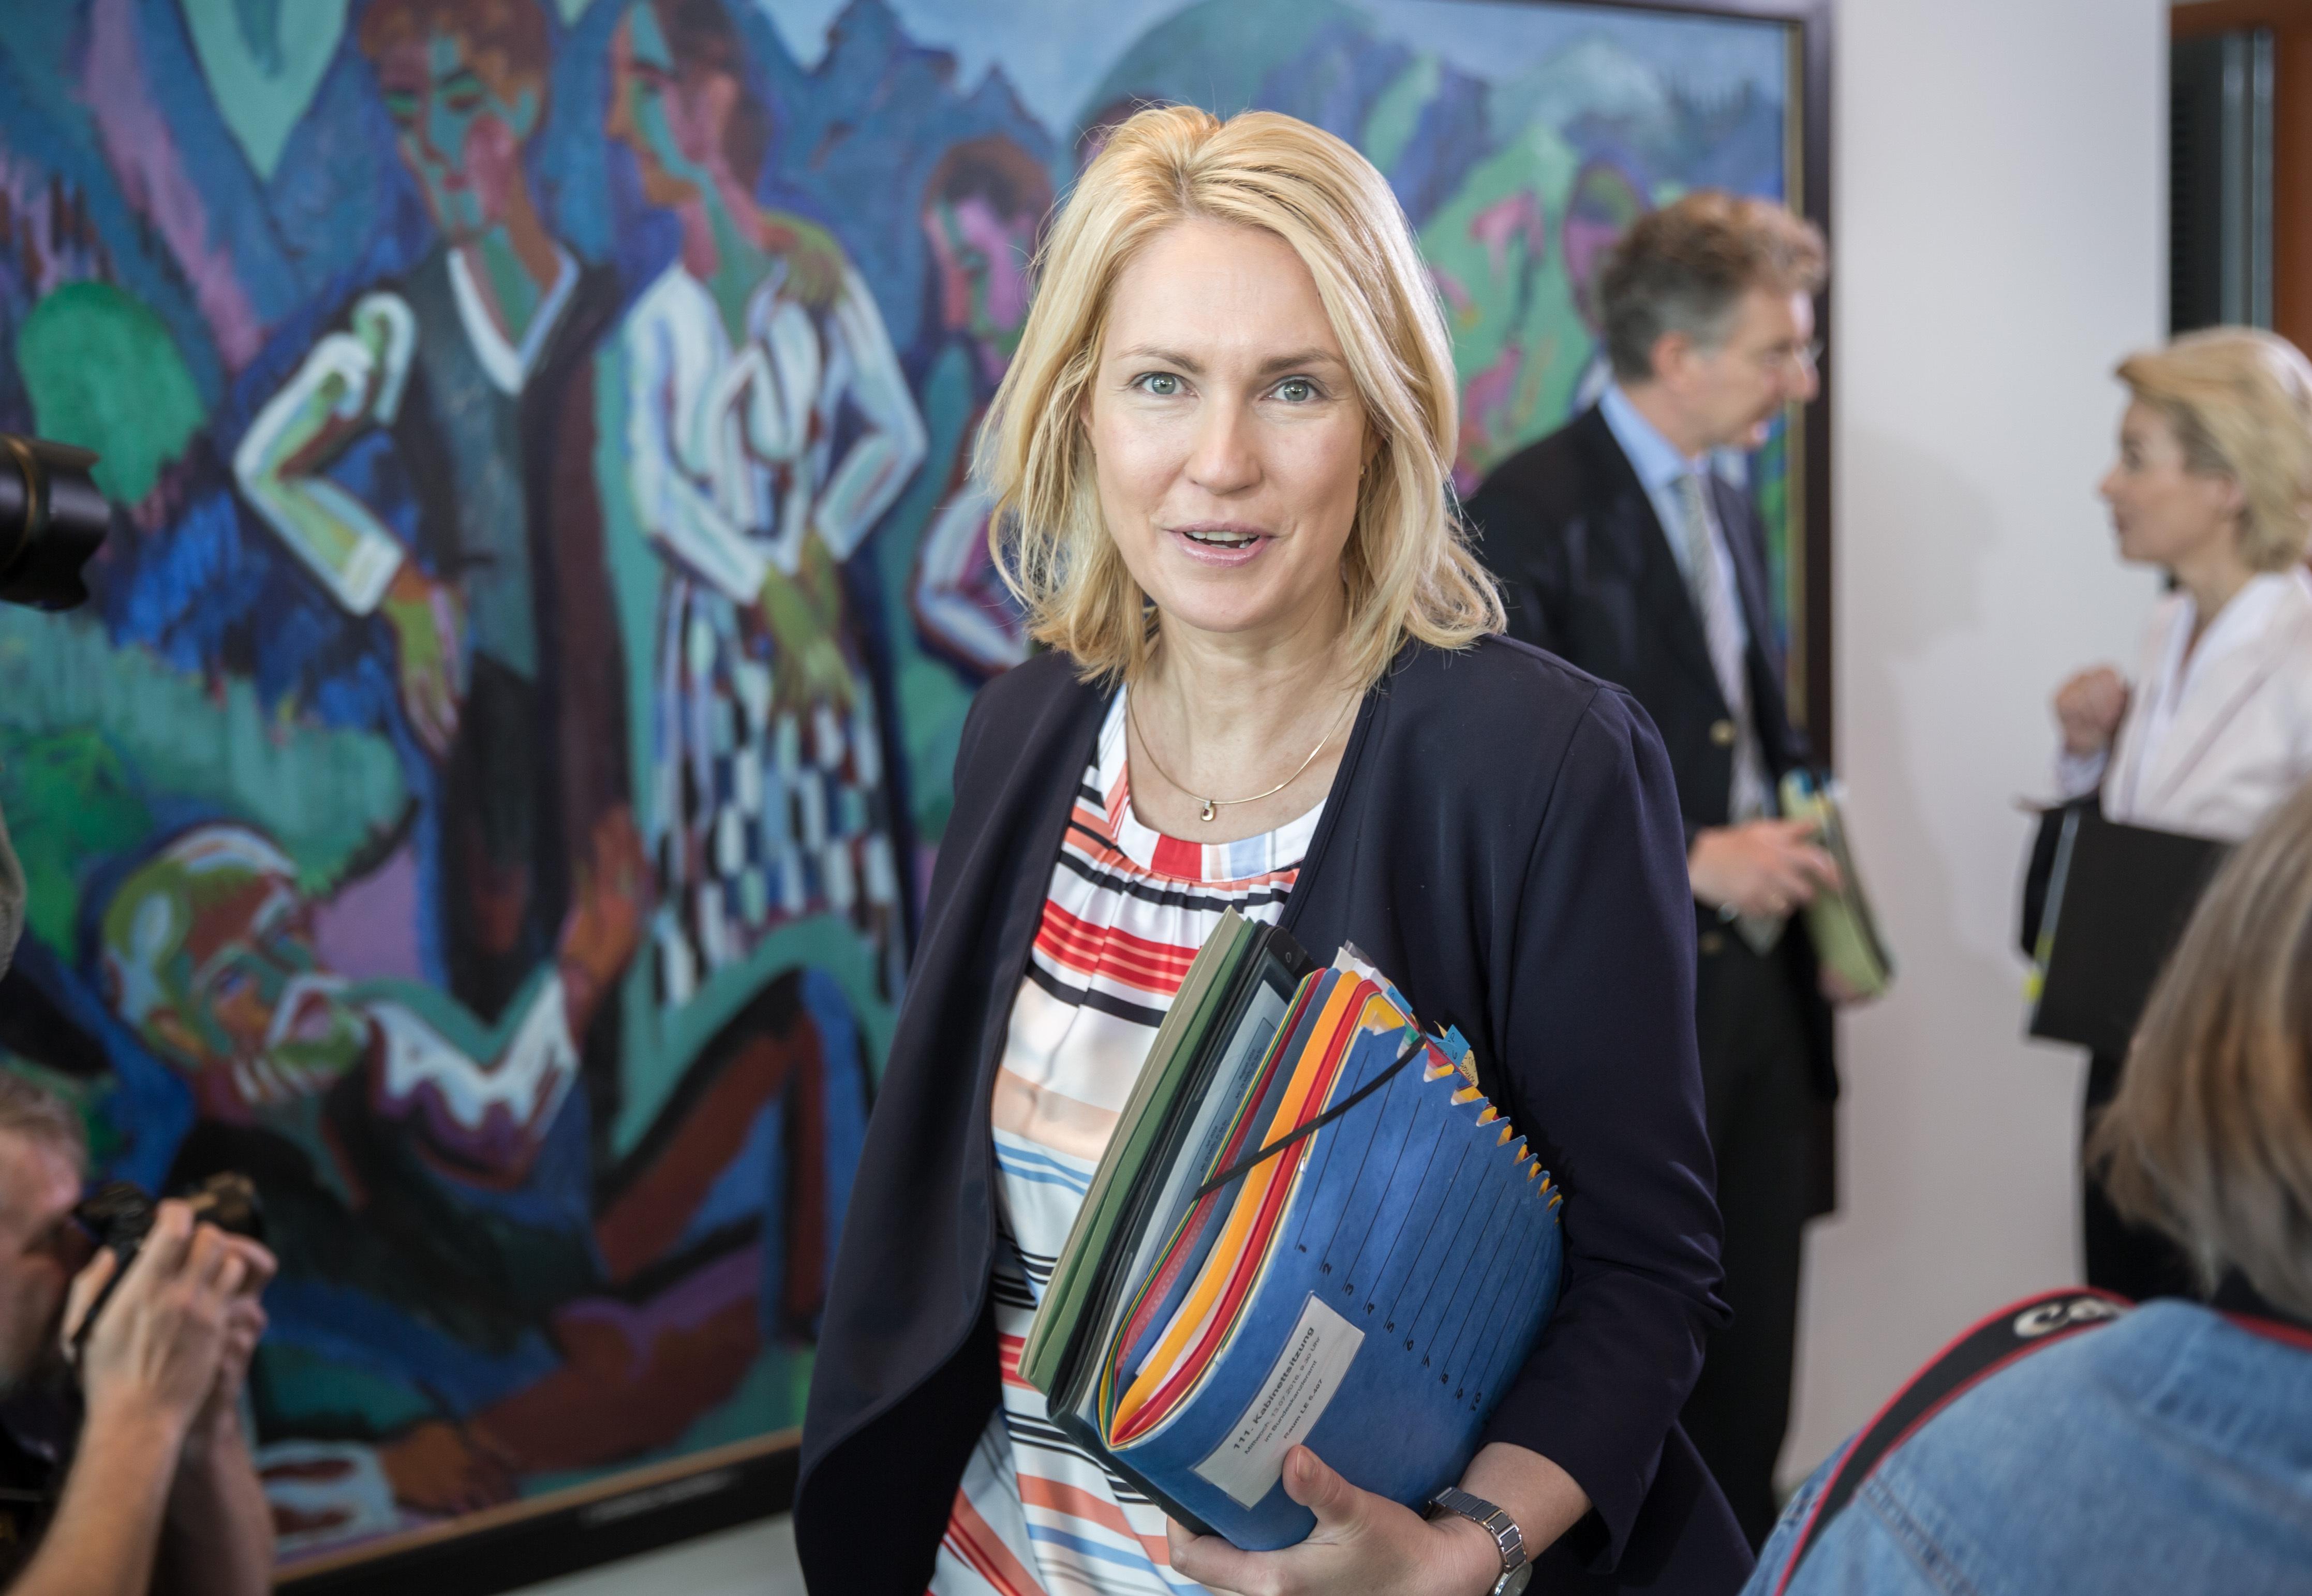 Rövidebb munkahetet szeretne a kisgyerekes szülőknek a német családügyi miniszter